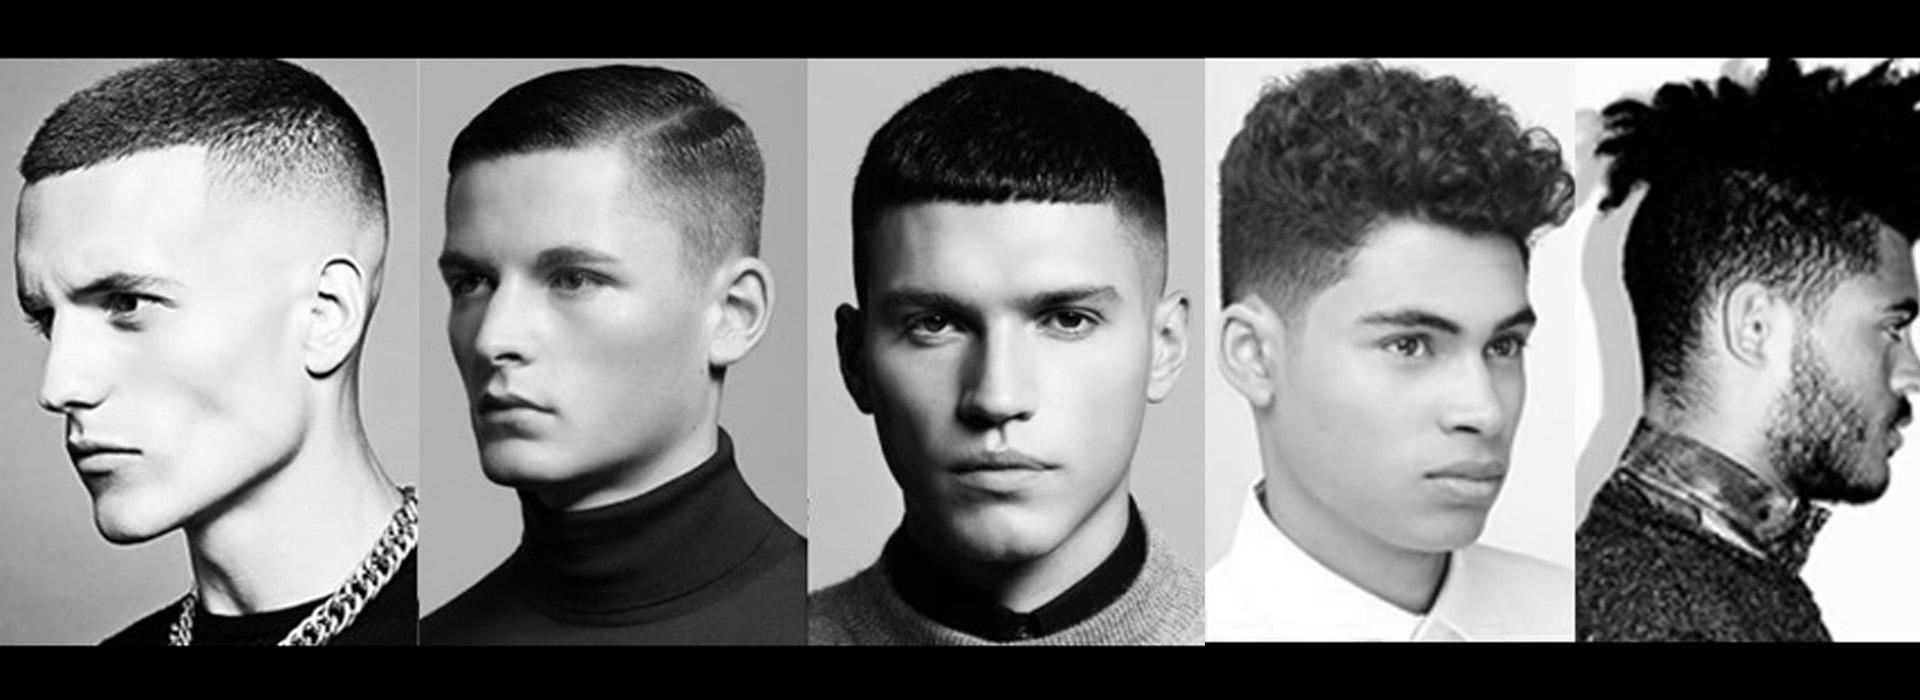 Men 39 s hair bellissimo laser hair removal salon spa - Bellissimo hair salon ...